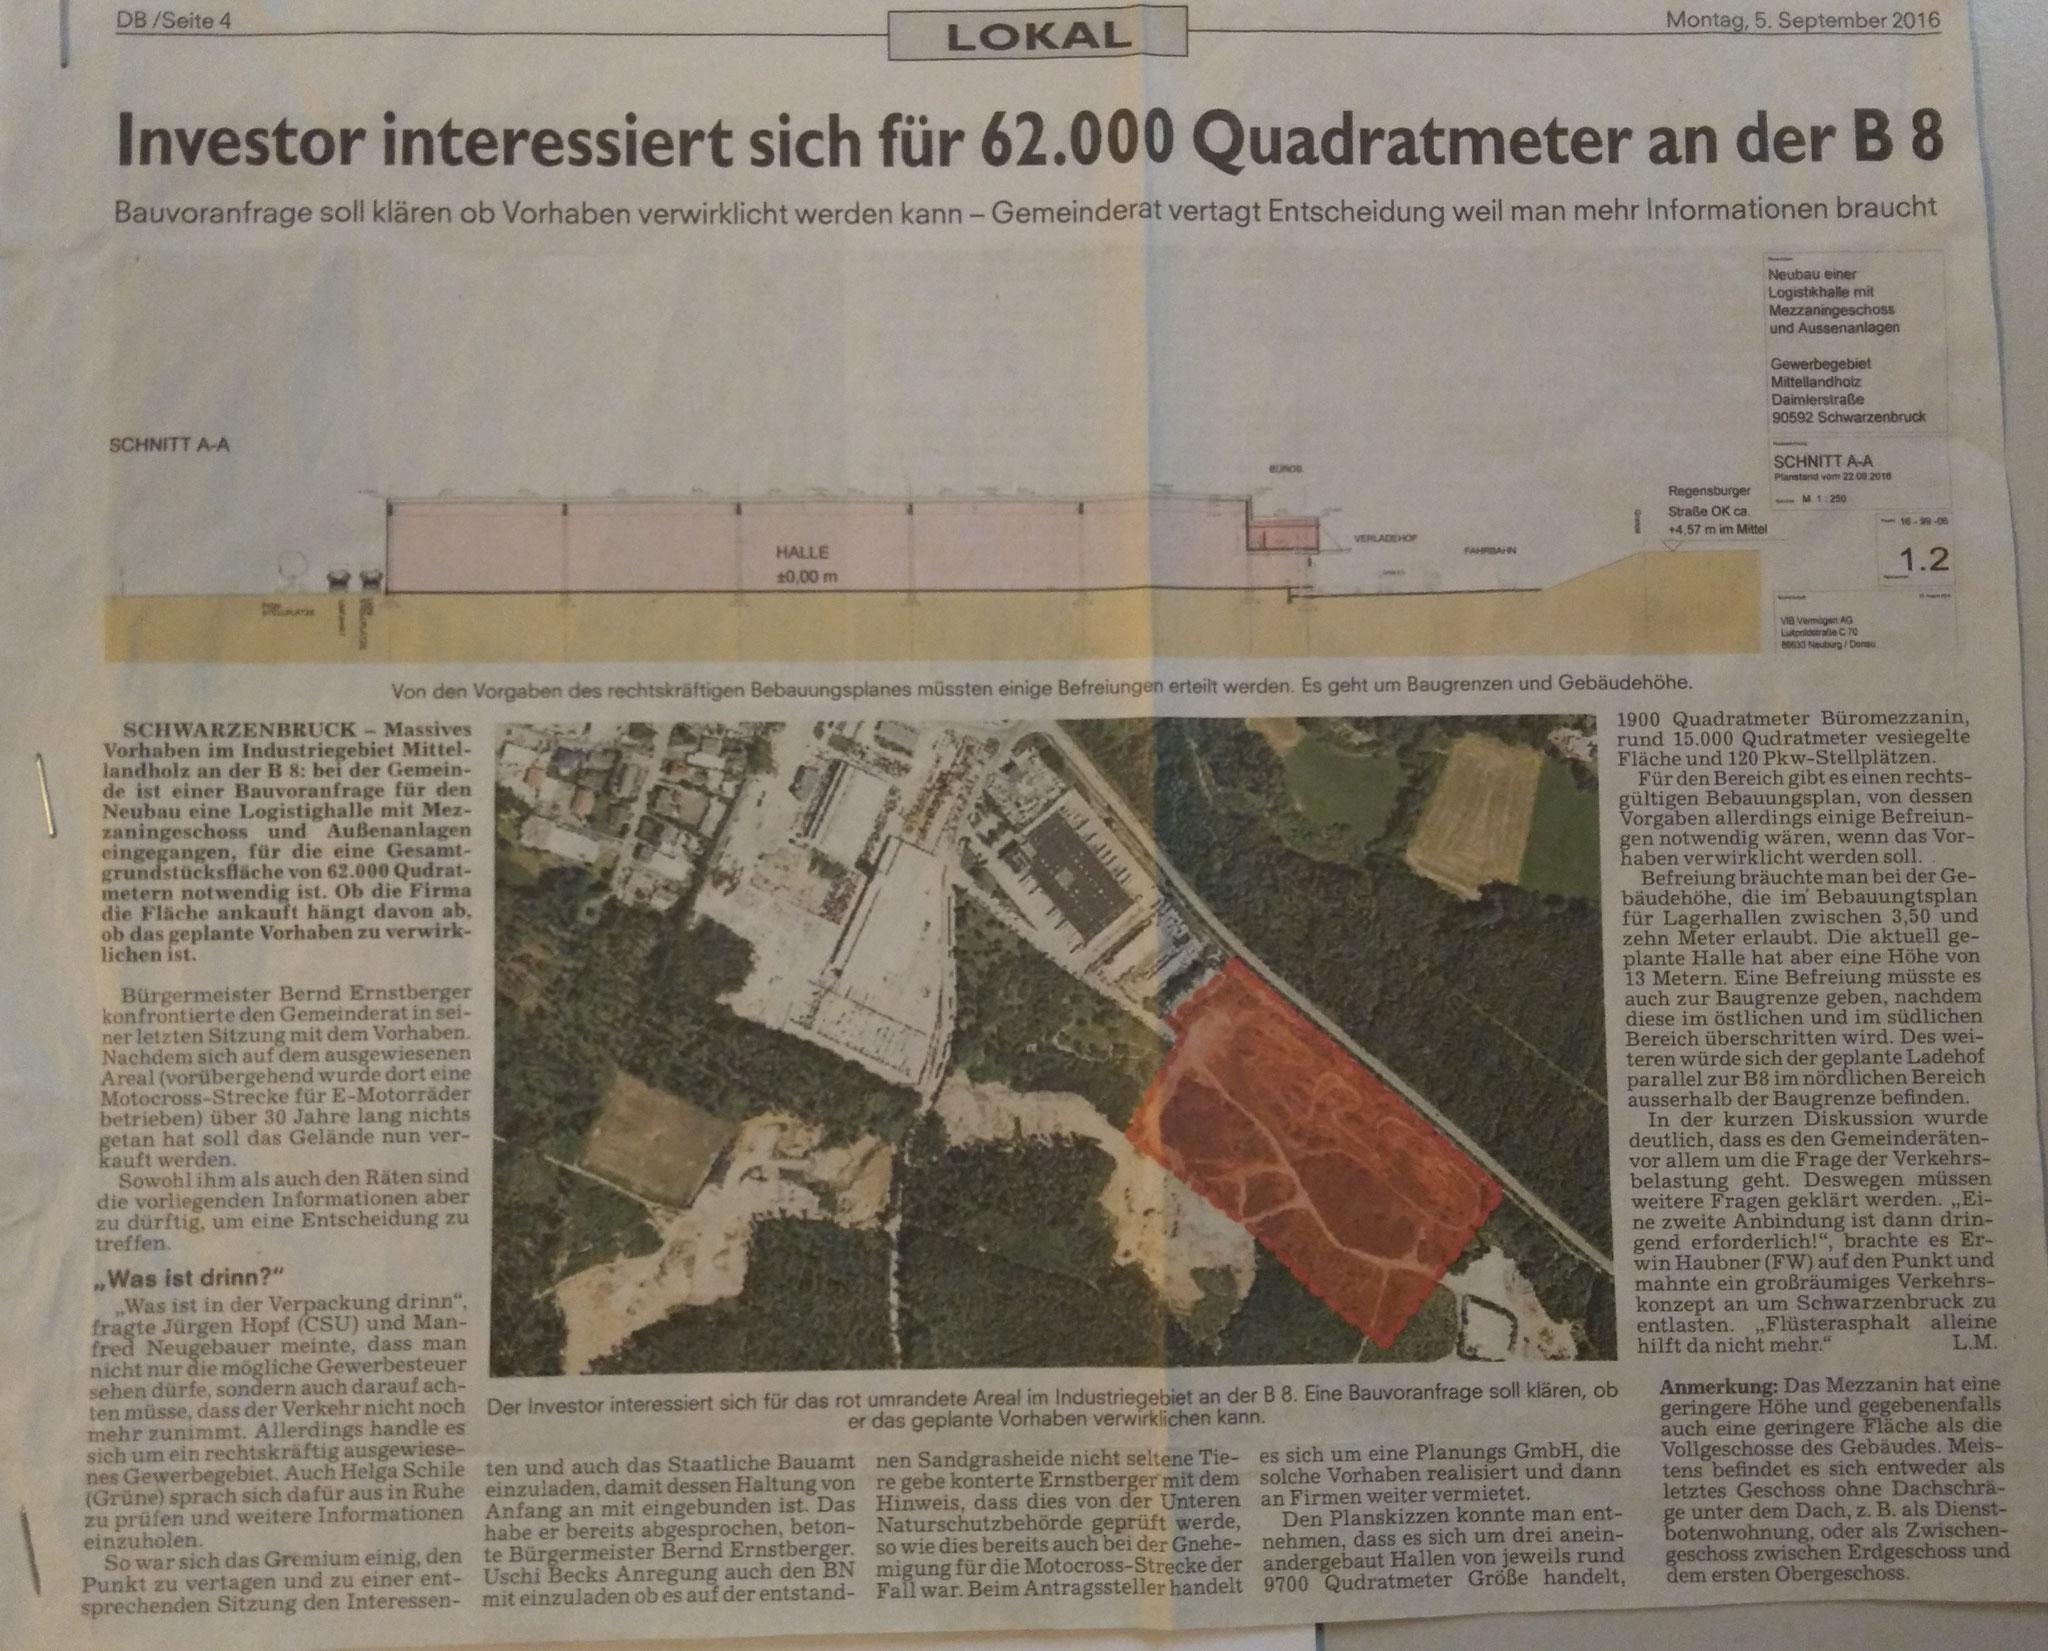 Aus dem Boten vom 05.09.2016 - Investor interessiert sich für 62.000 Quadratmeter